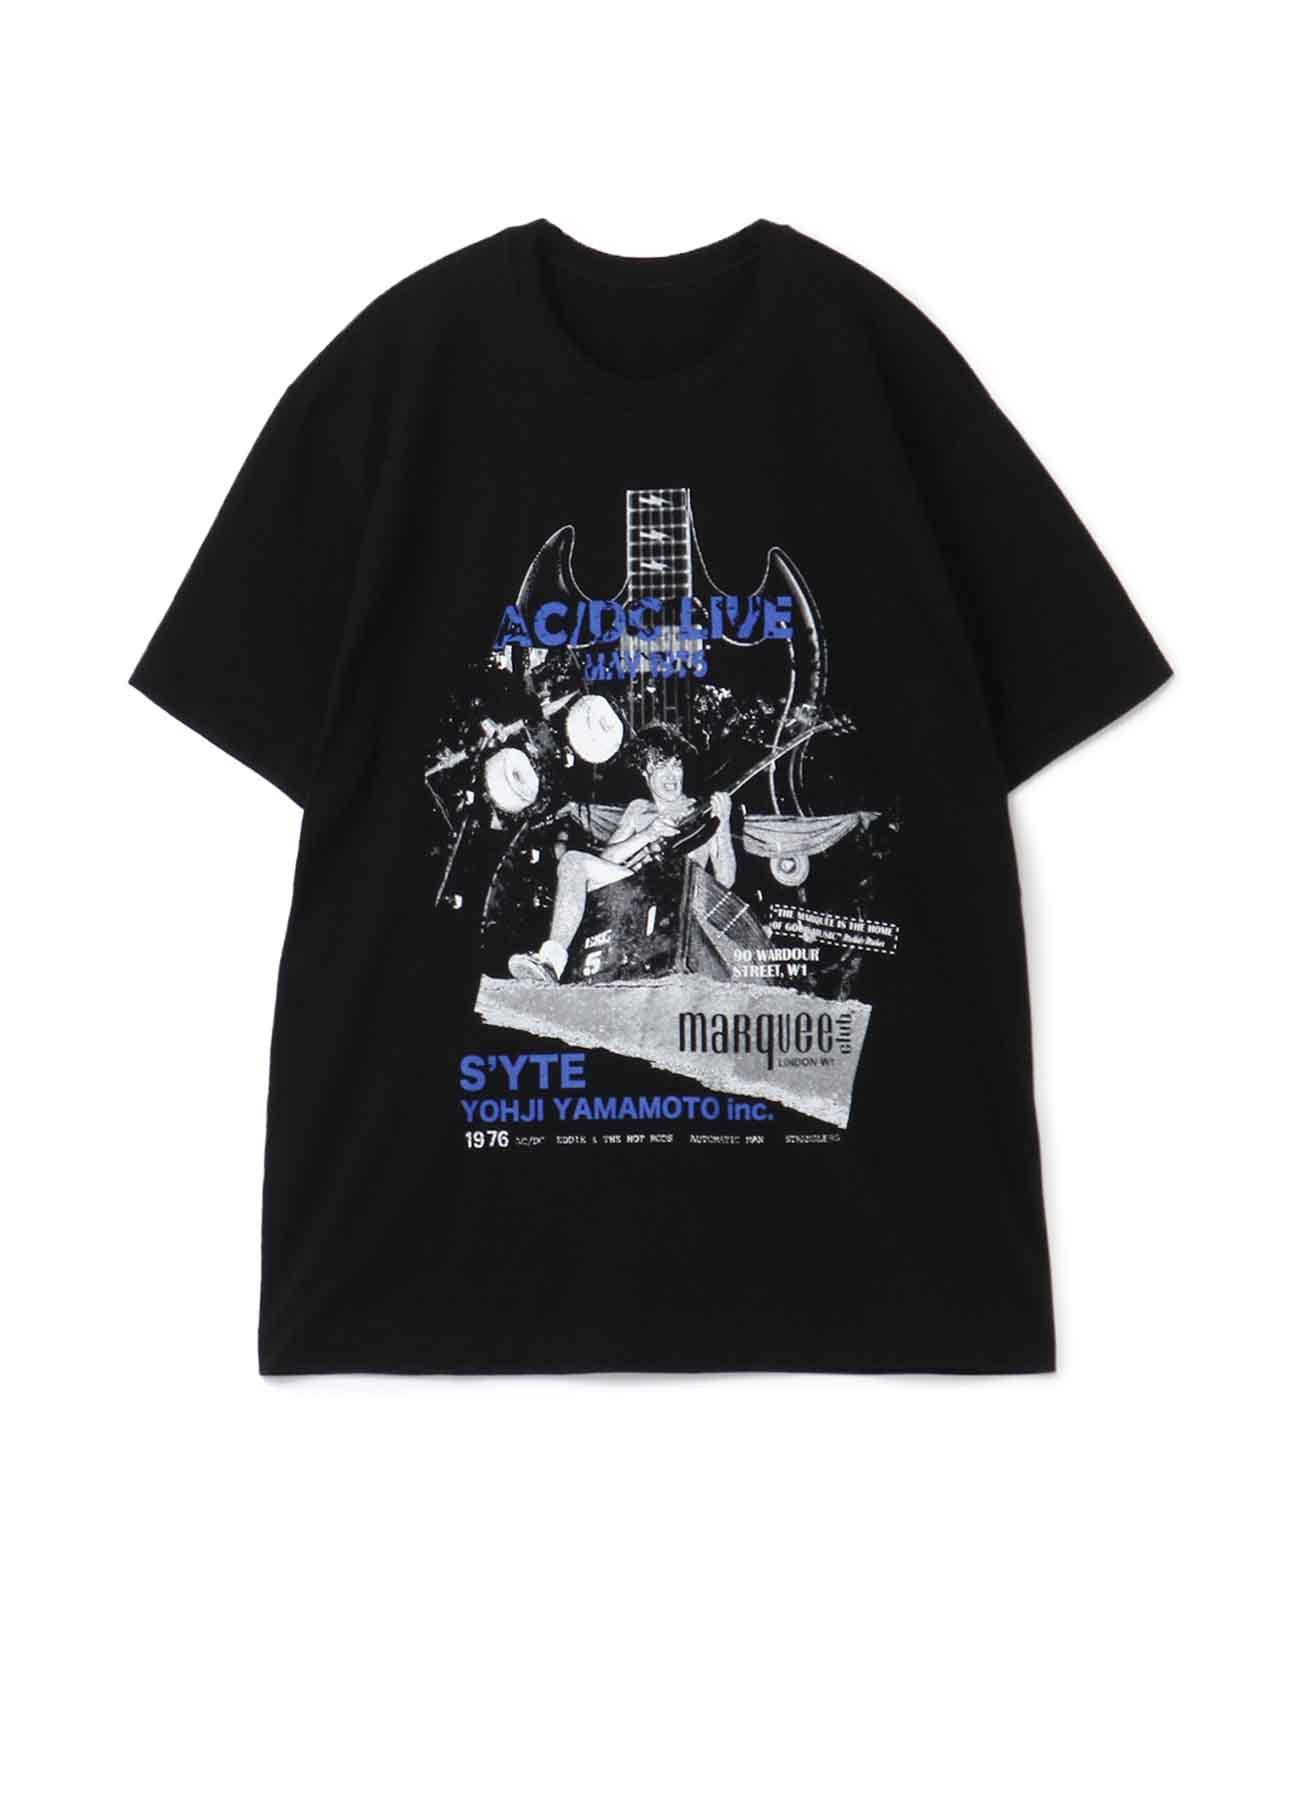 S'YTE × marquee club(R)1976 SG T-shirt